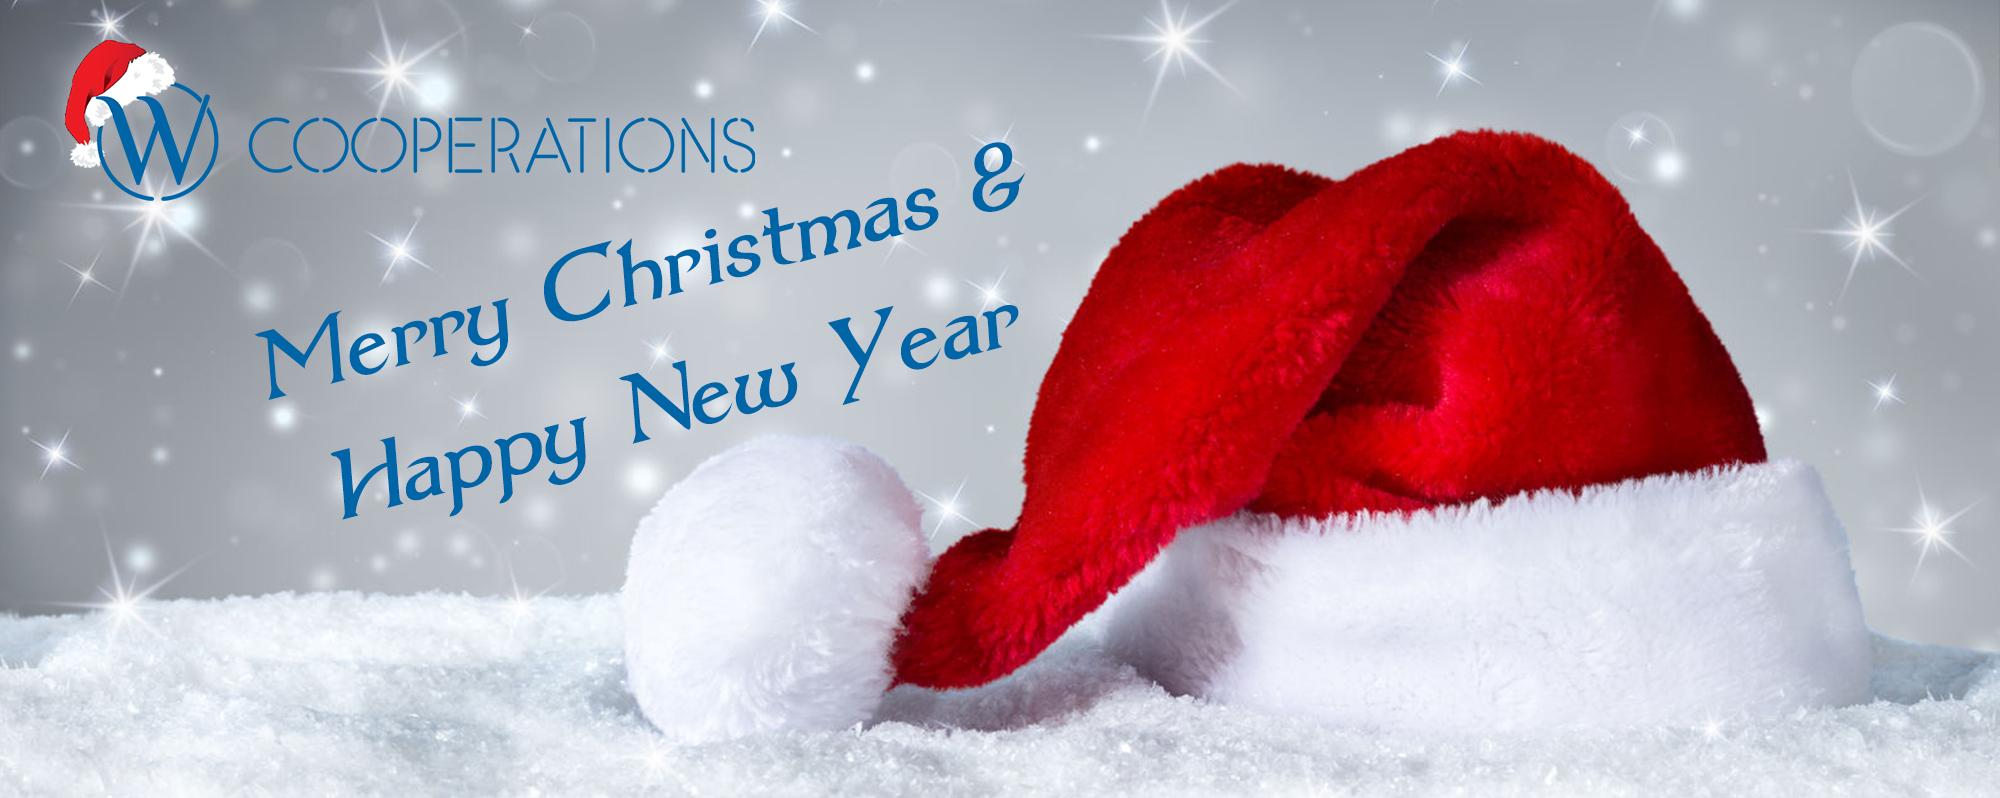 Frohe Weihnachten Und Ein Erfolgreiches Neues Jahr.Frohe Weihnachten Und Ein Erfolgreiches Neues Jahr W Cooperations